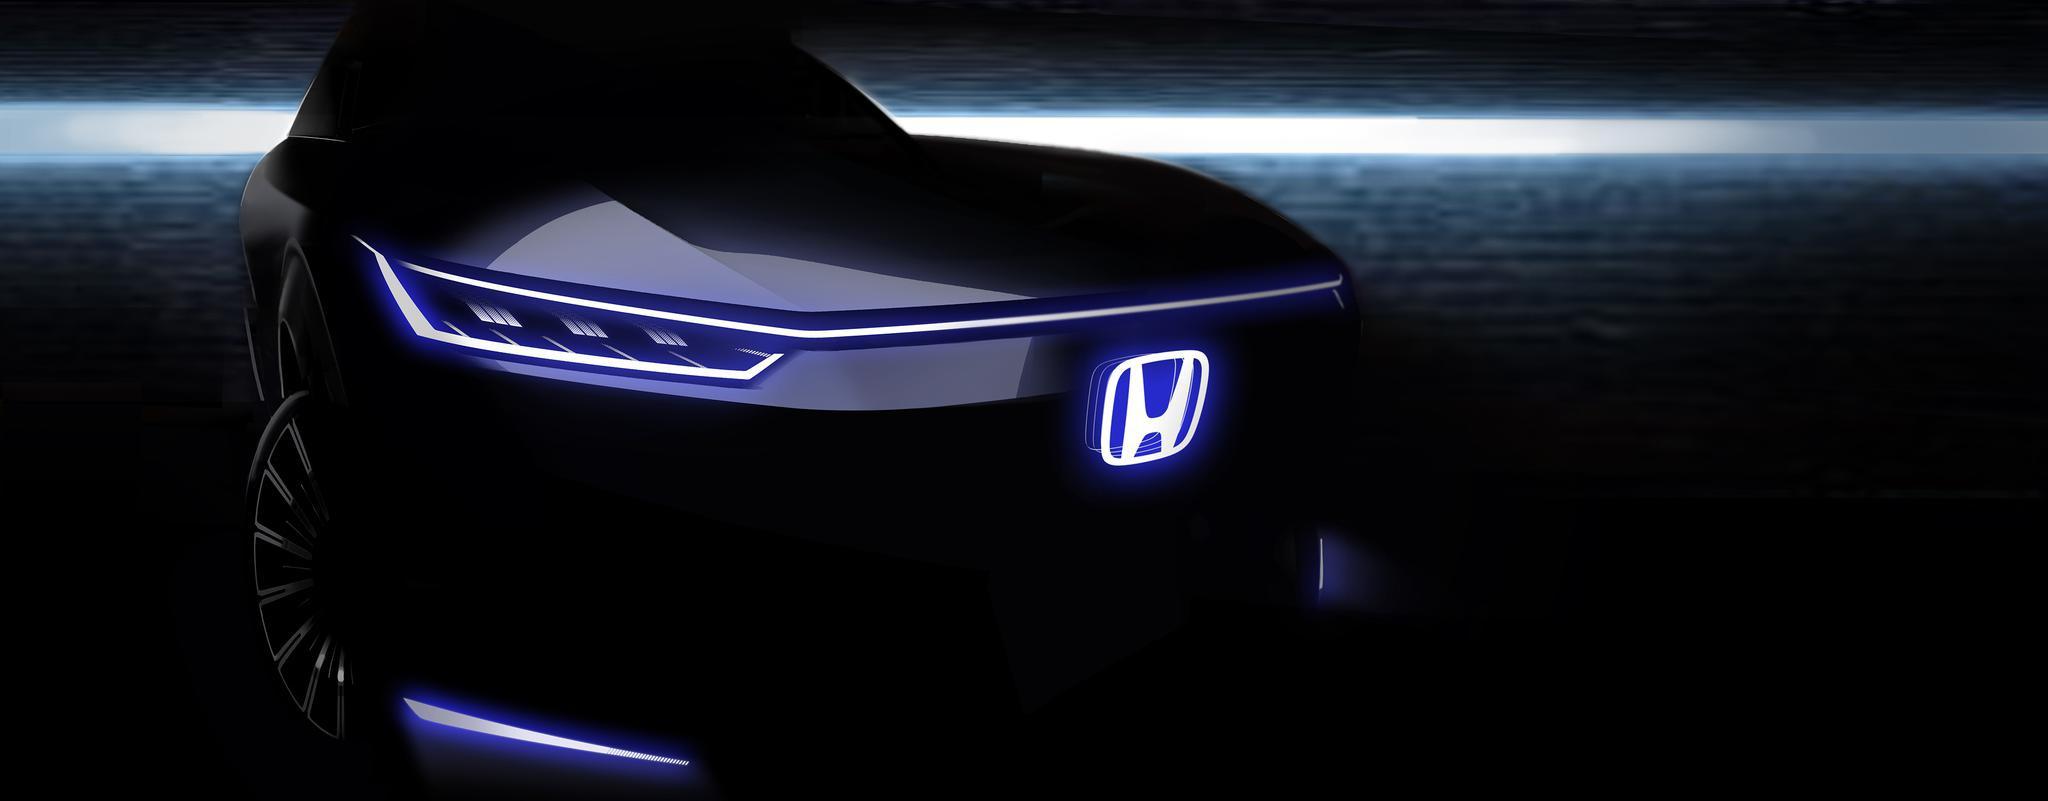 中国首款 Honda 品牌纯电动概念车 北京车展全球首发